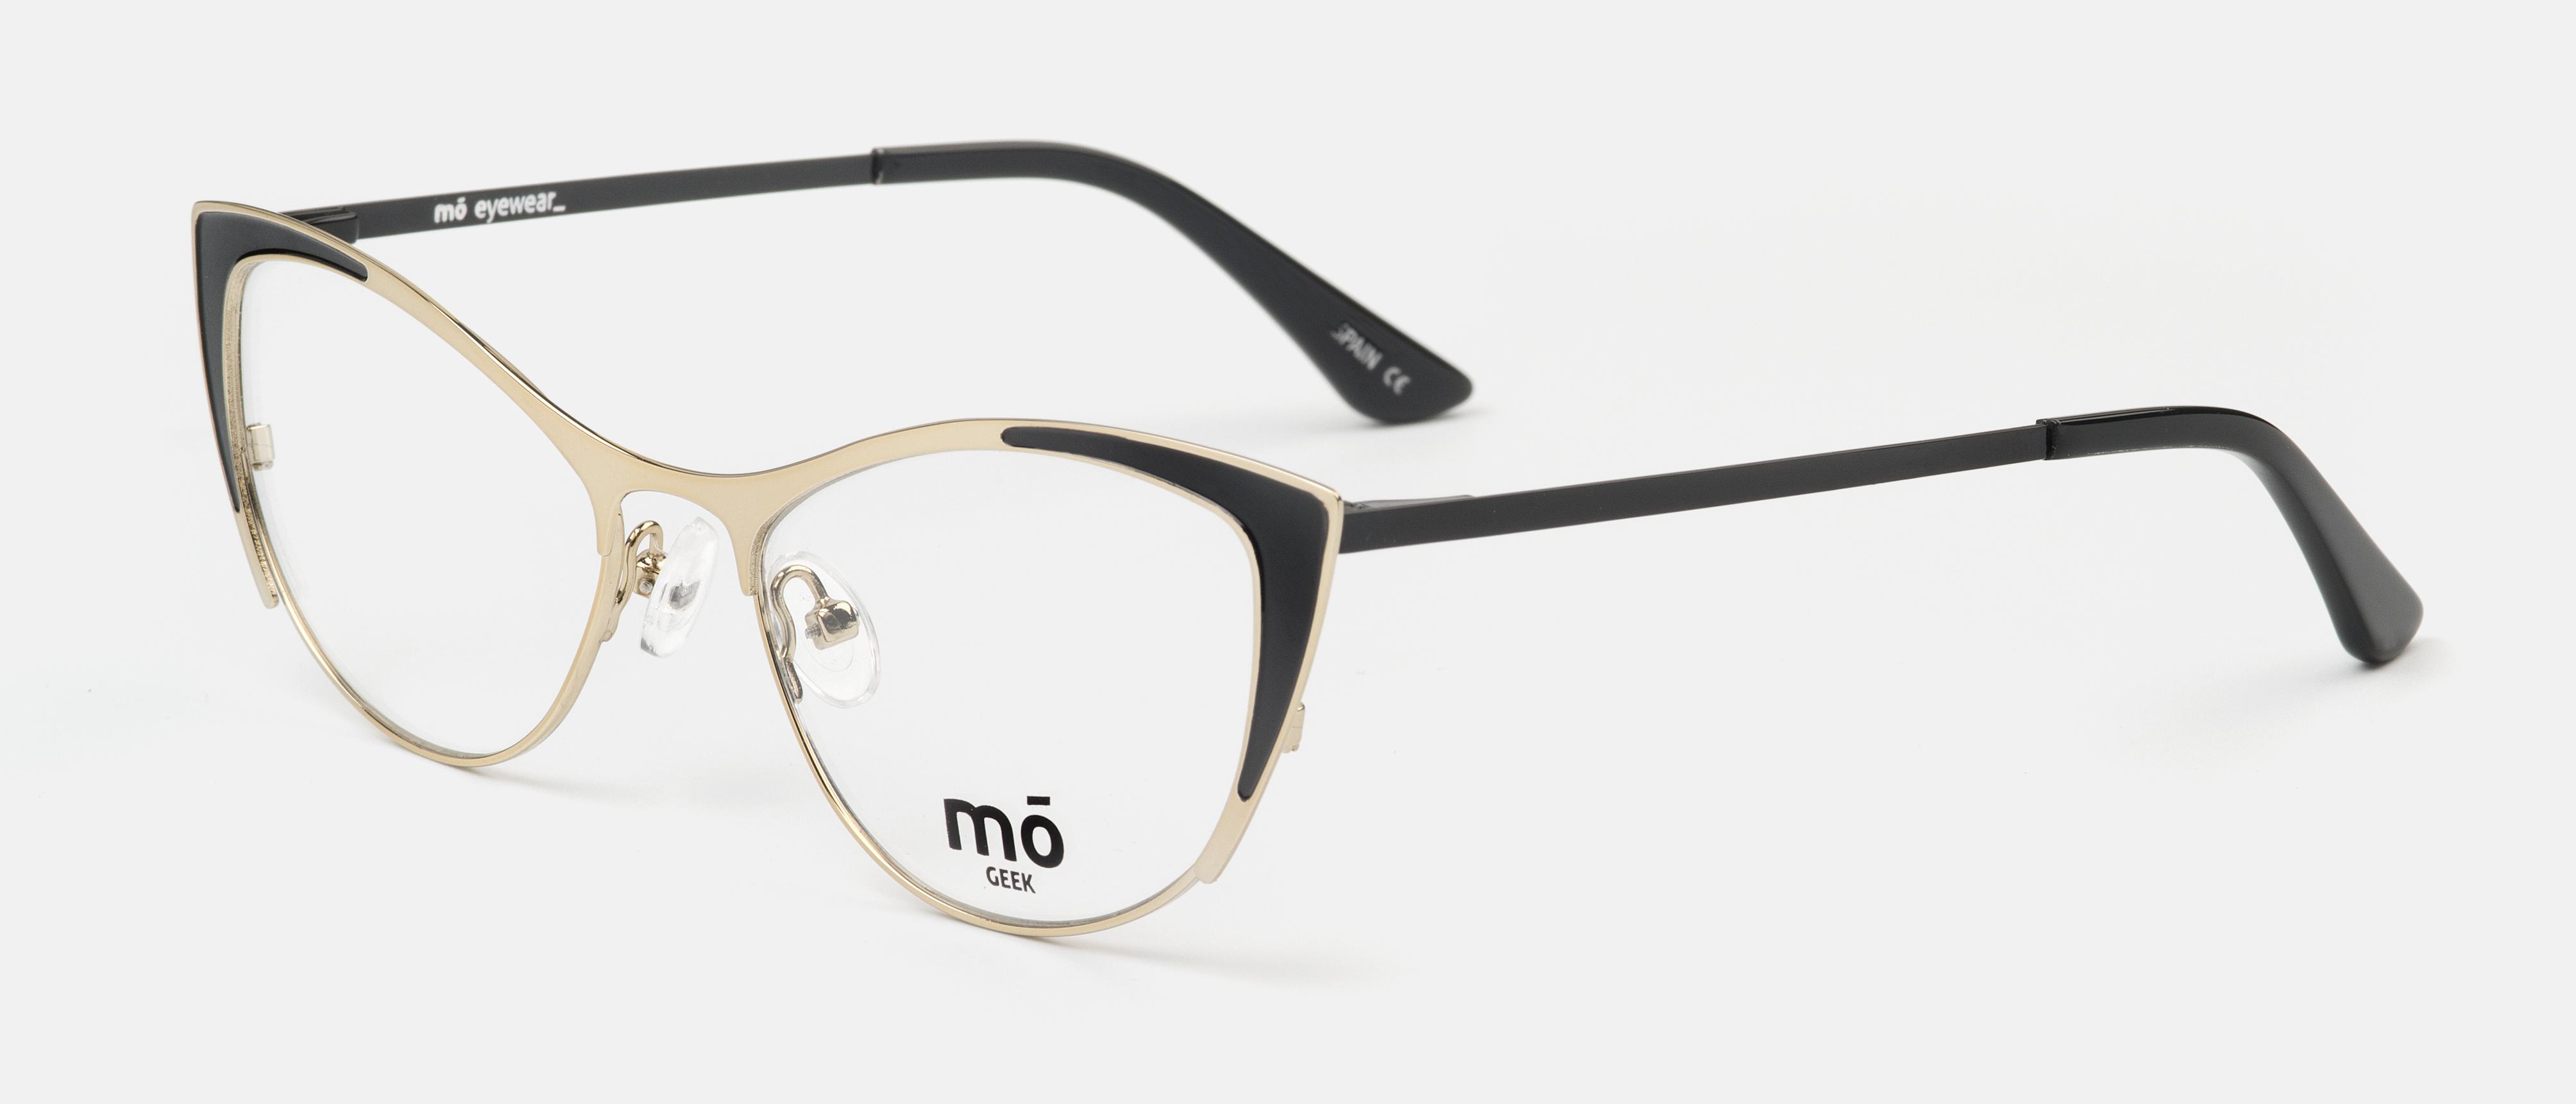 Multiopticas , gafas retro